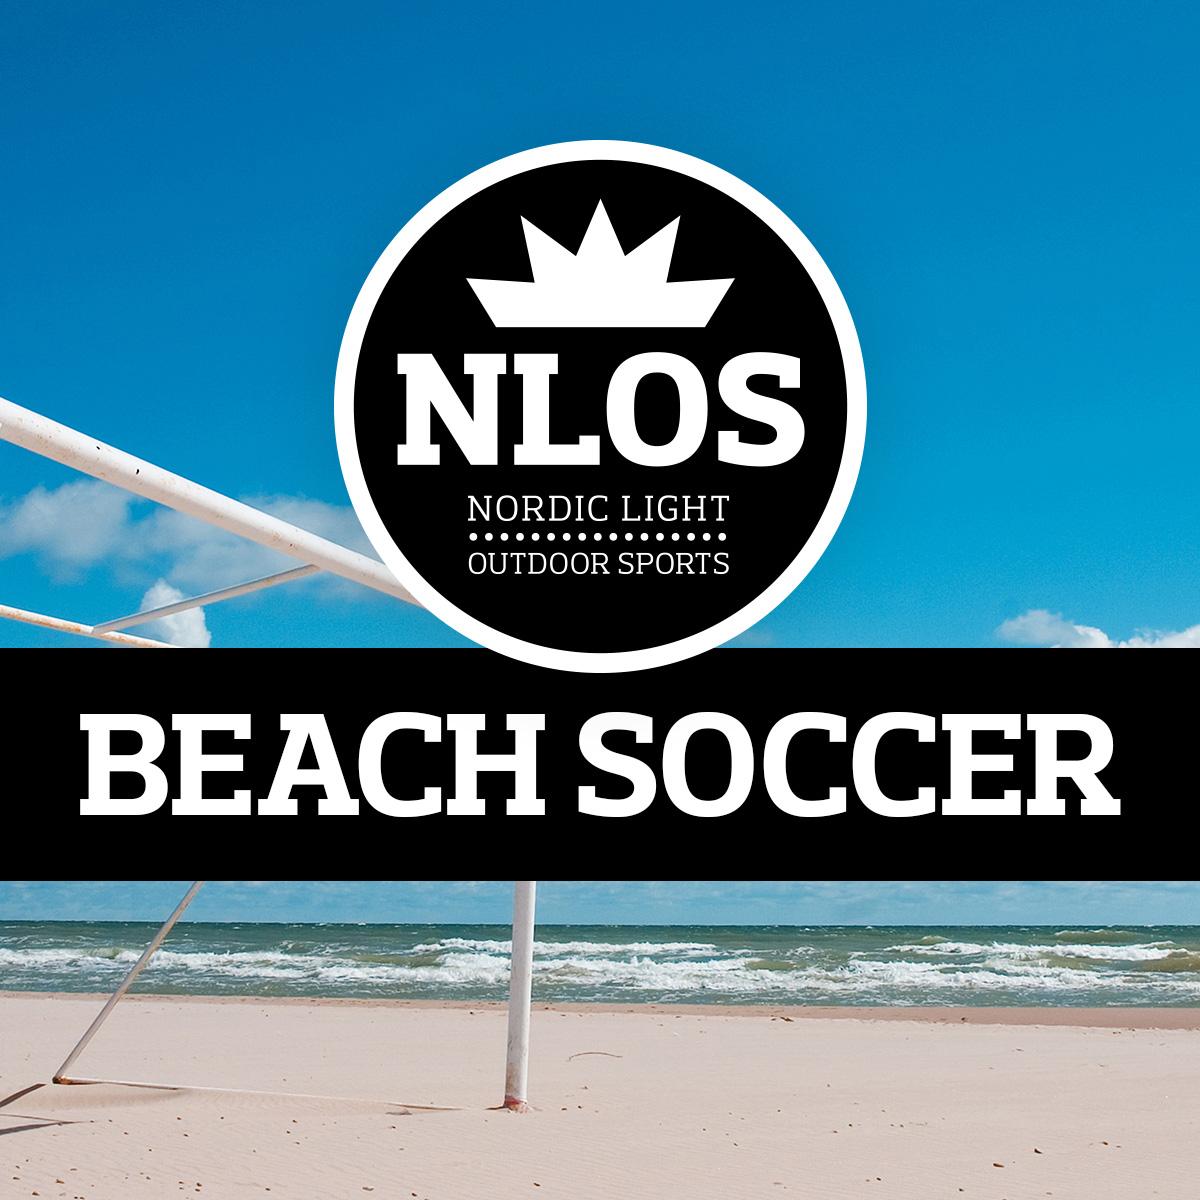 NLOS Beach Soccer